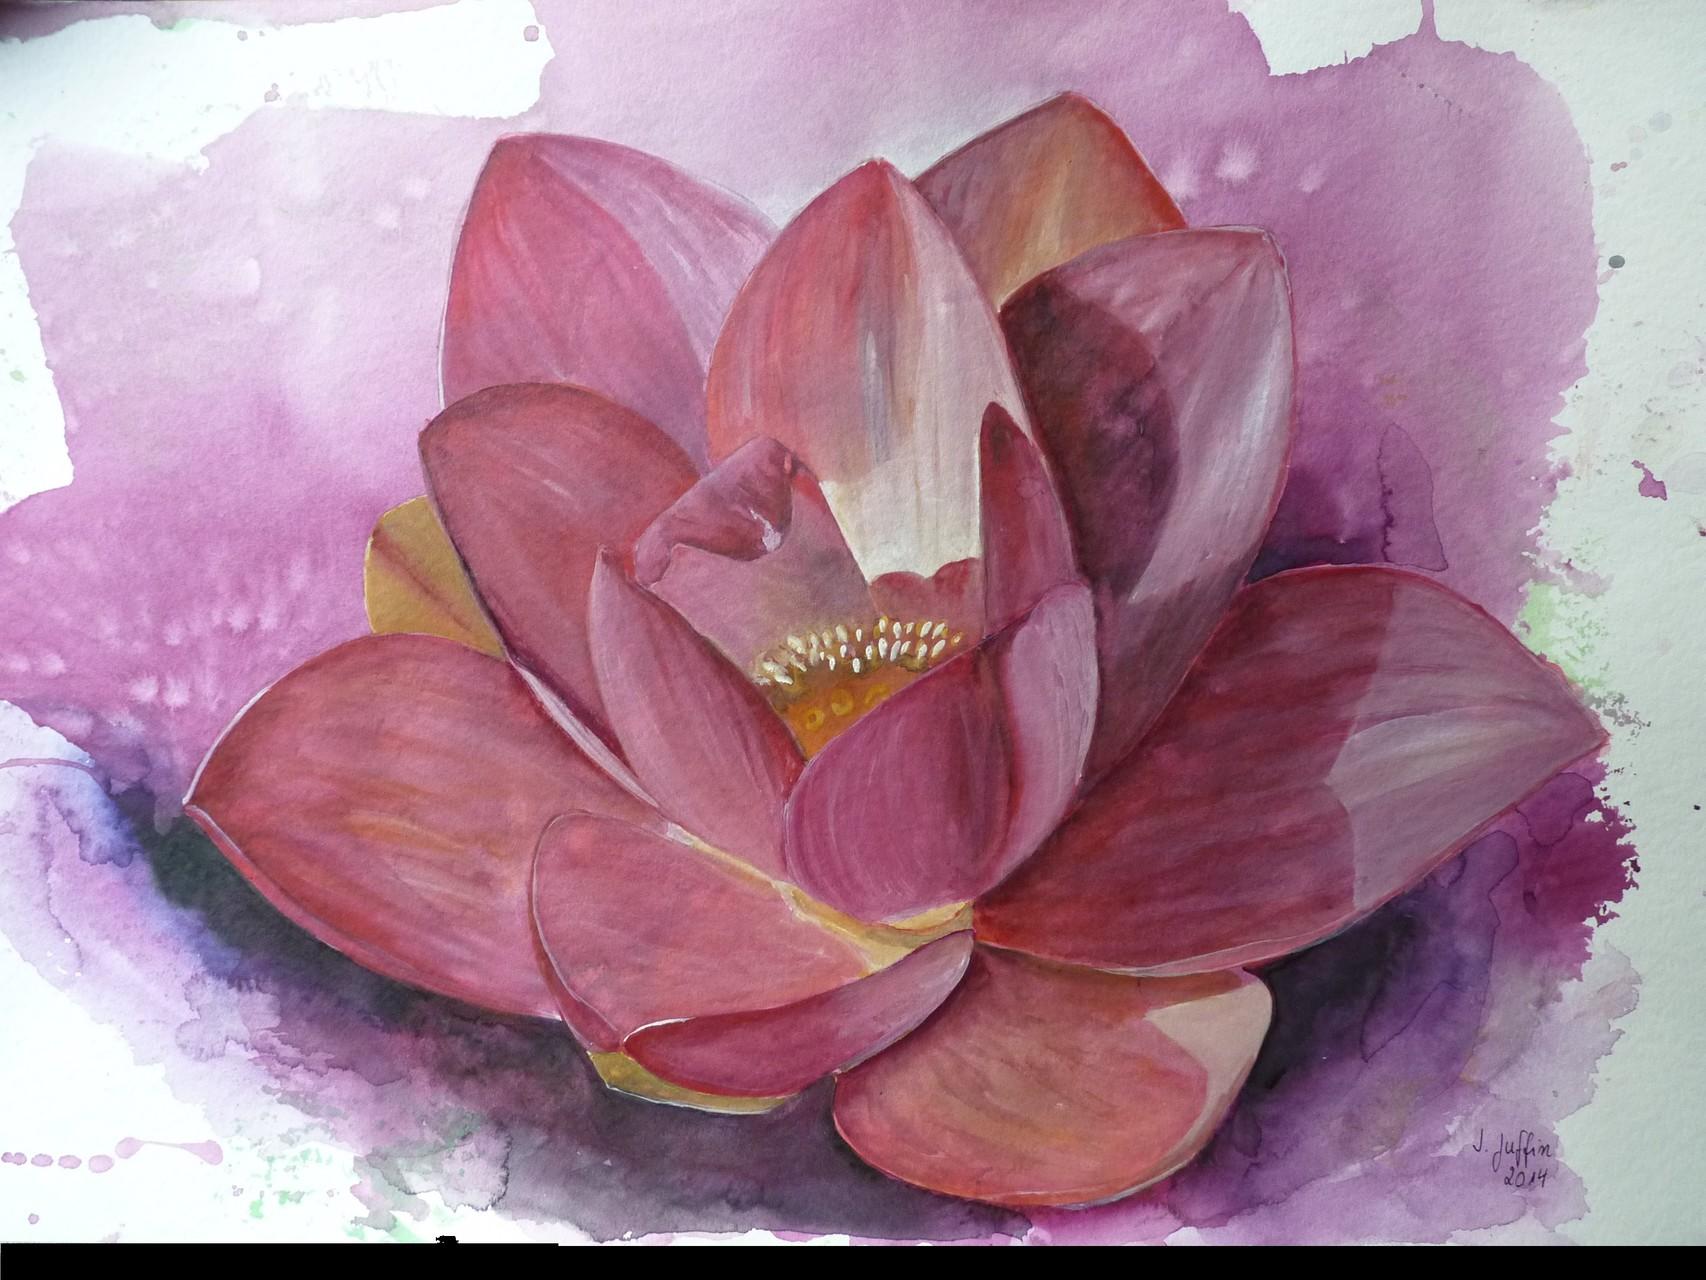 Lotusblüte, 2014